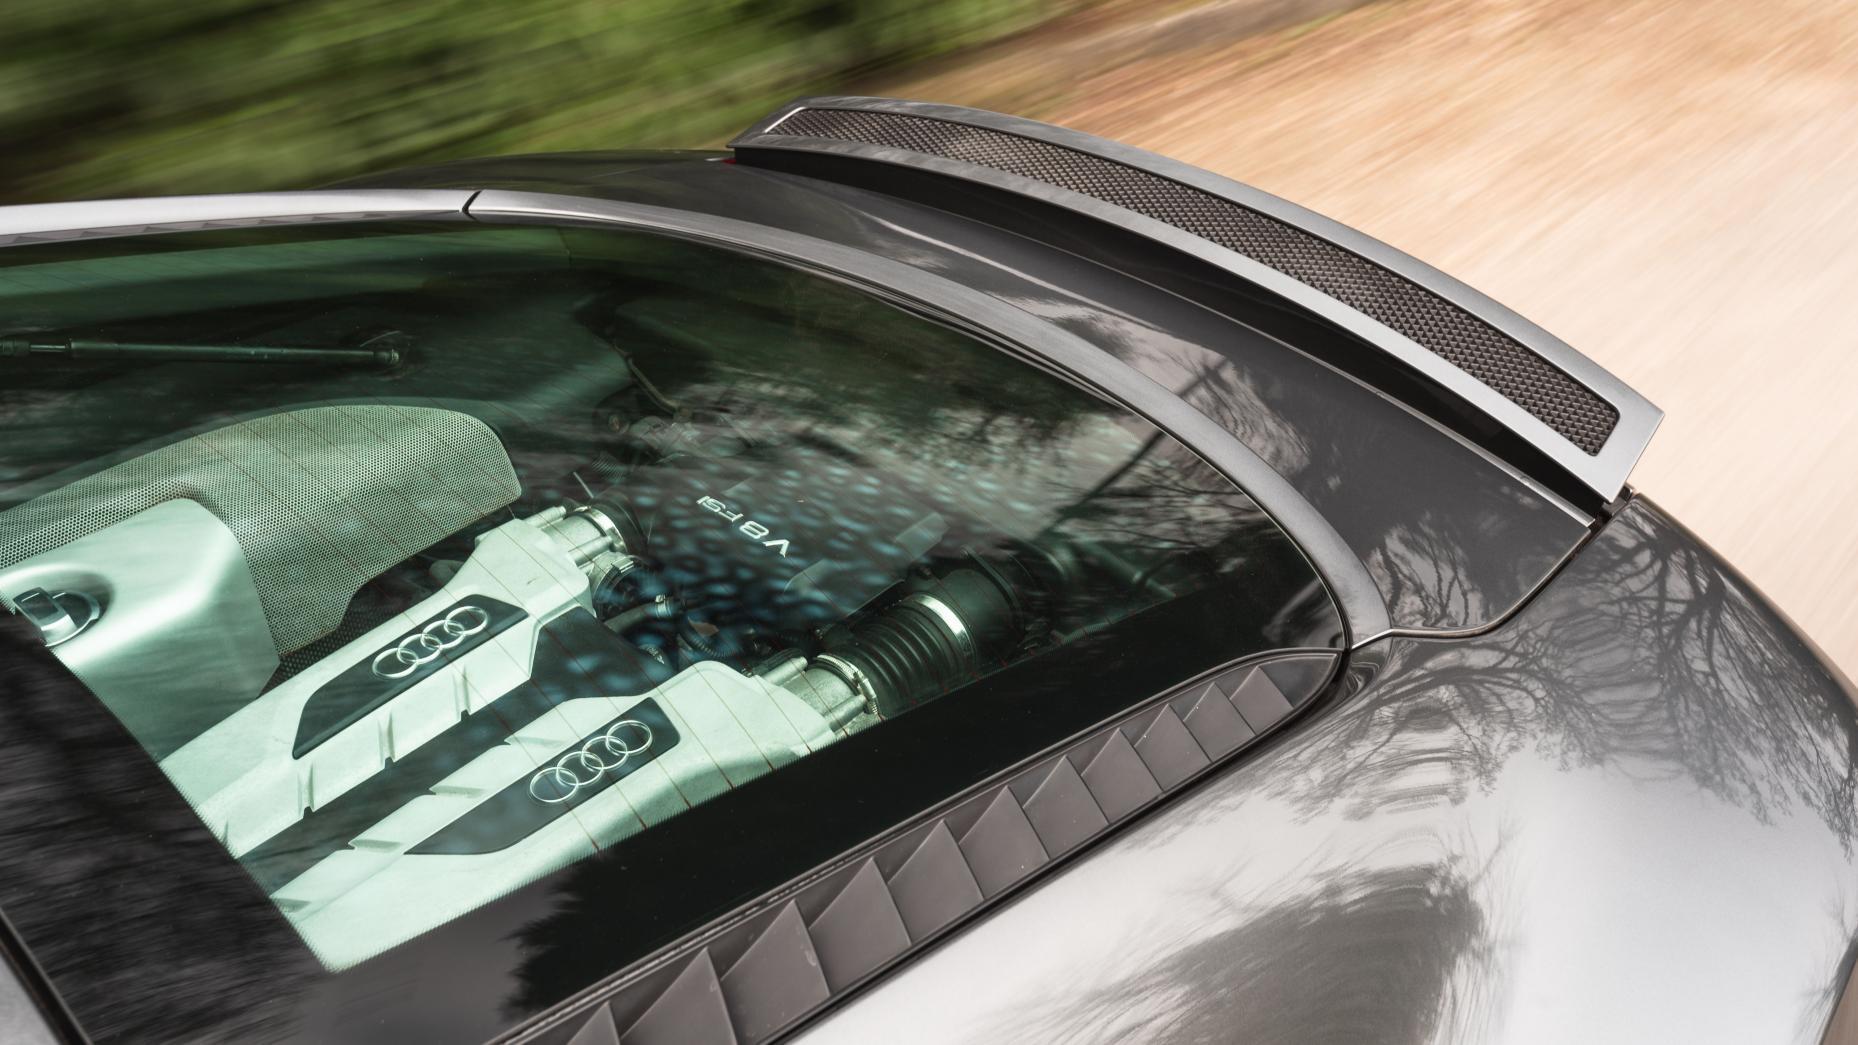 Audi R8 V8 vs V10 motorblok door achterraam V8